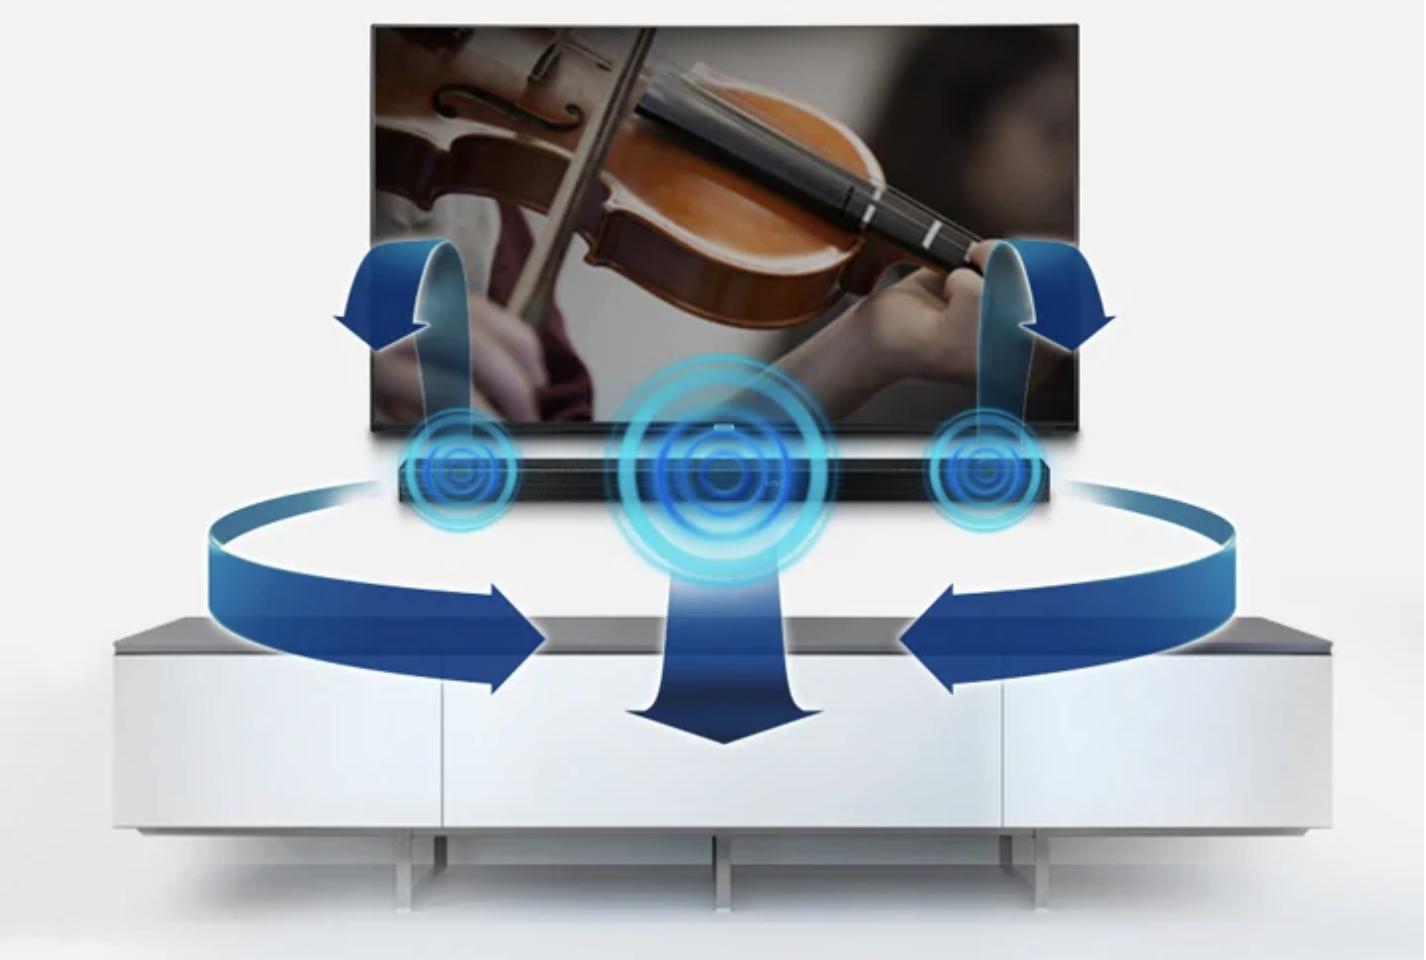 soundbar: come funziona